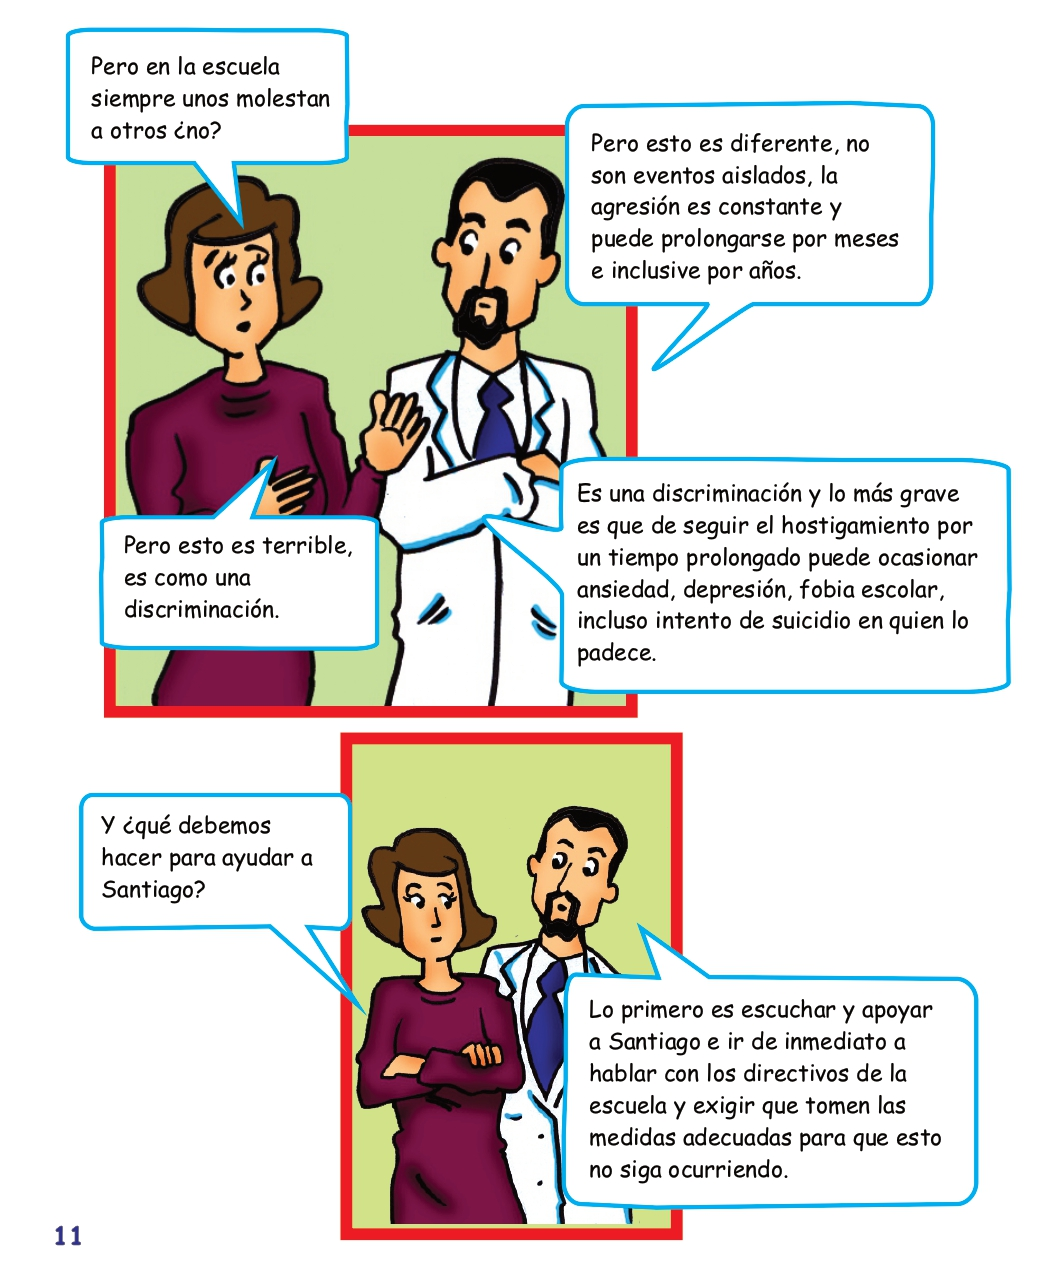 Psicología padres Reyhan cap3 digital_page-0014